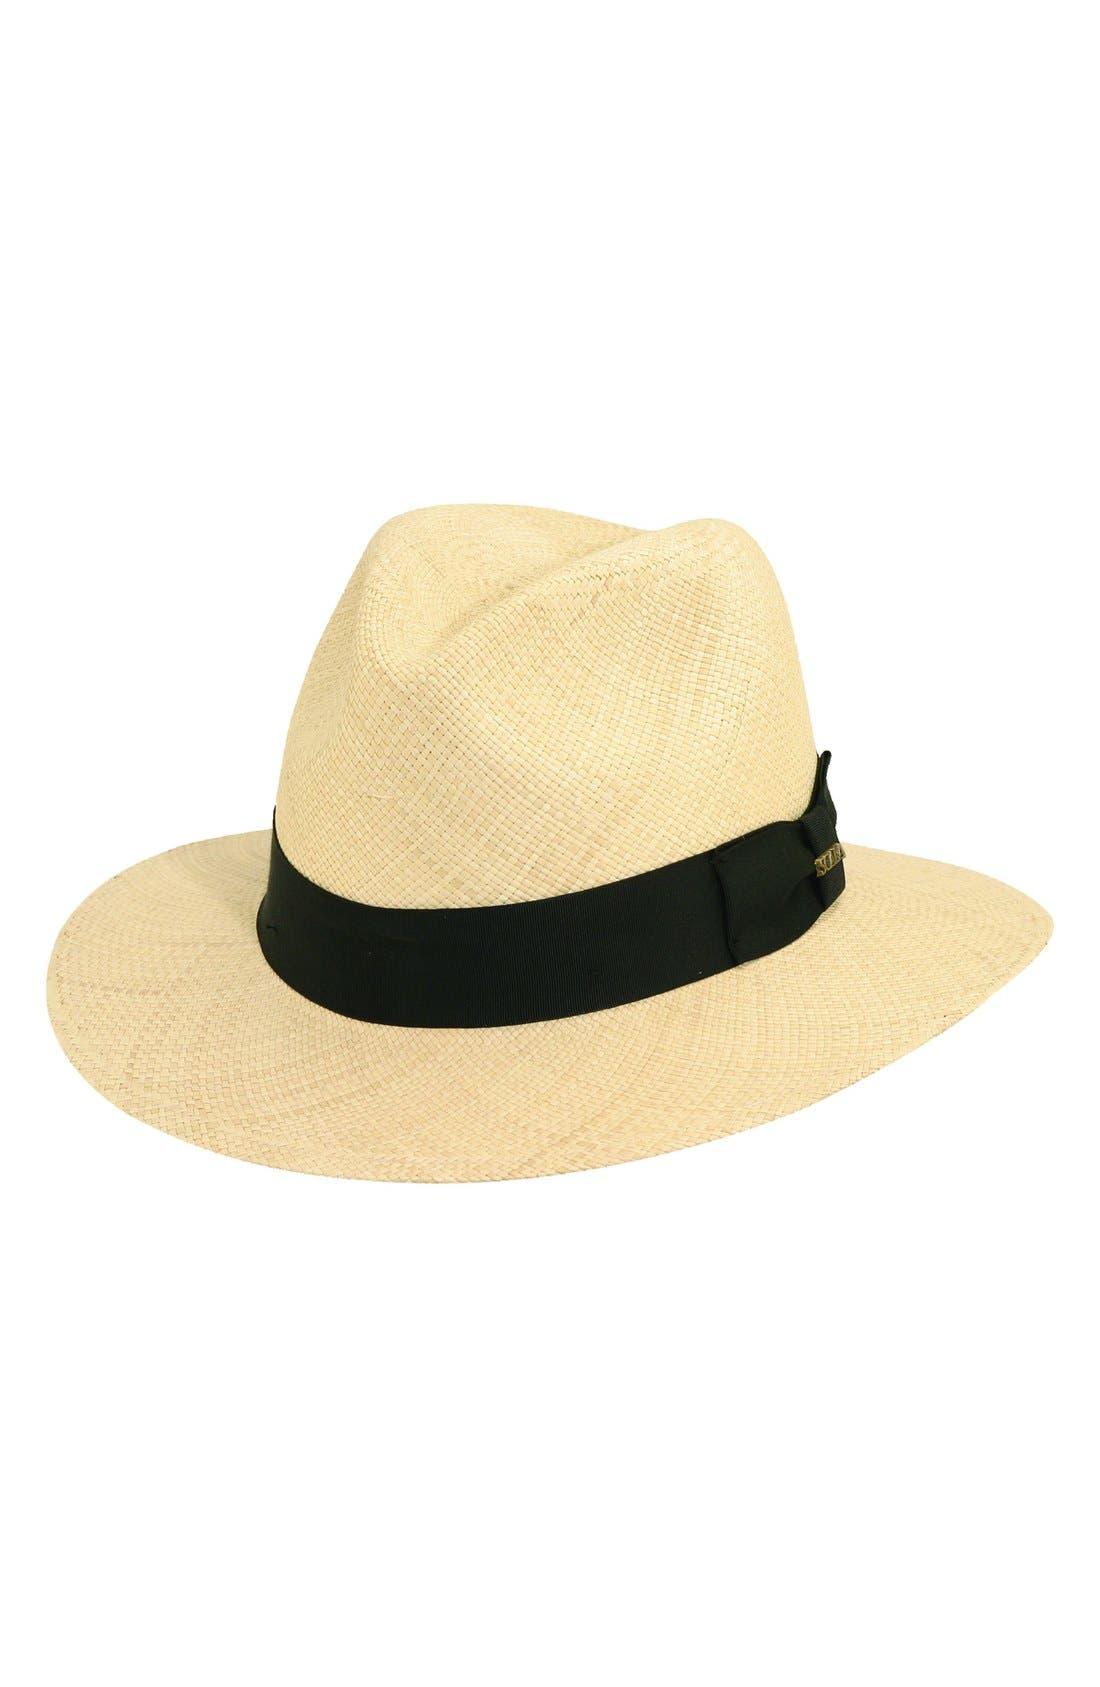 Panama Straw Safari Hat,                             Main thumbnail 1, color,                             Natural